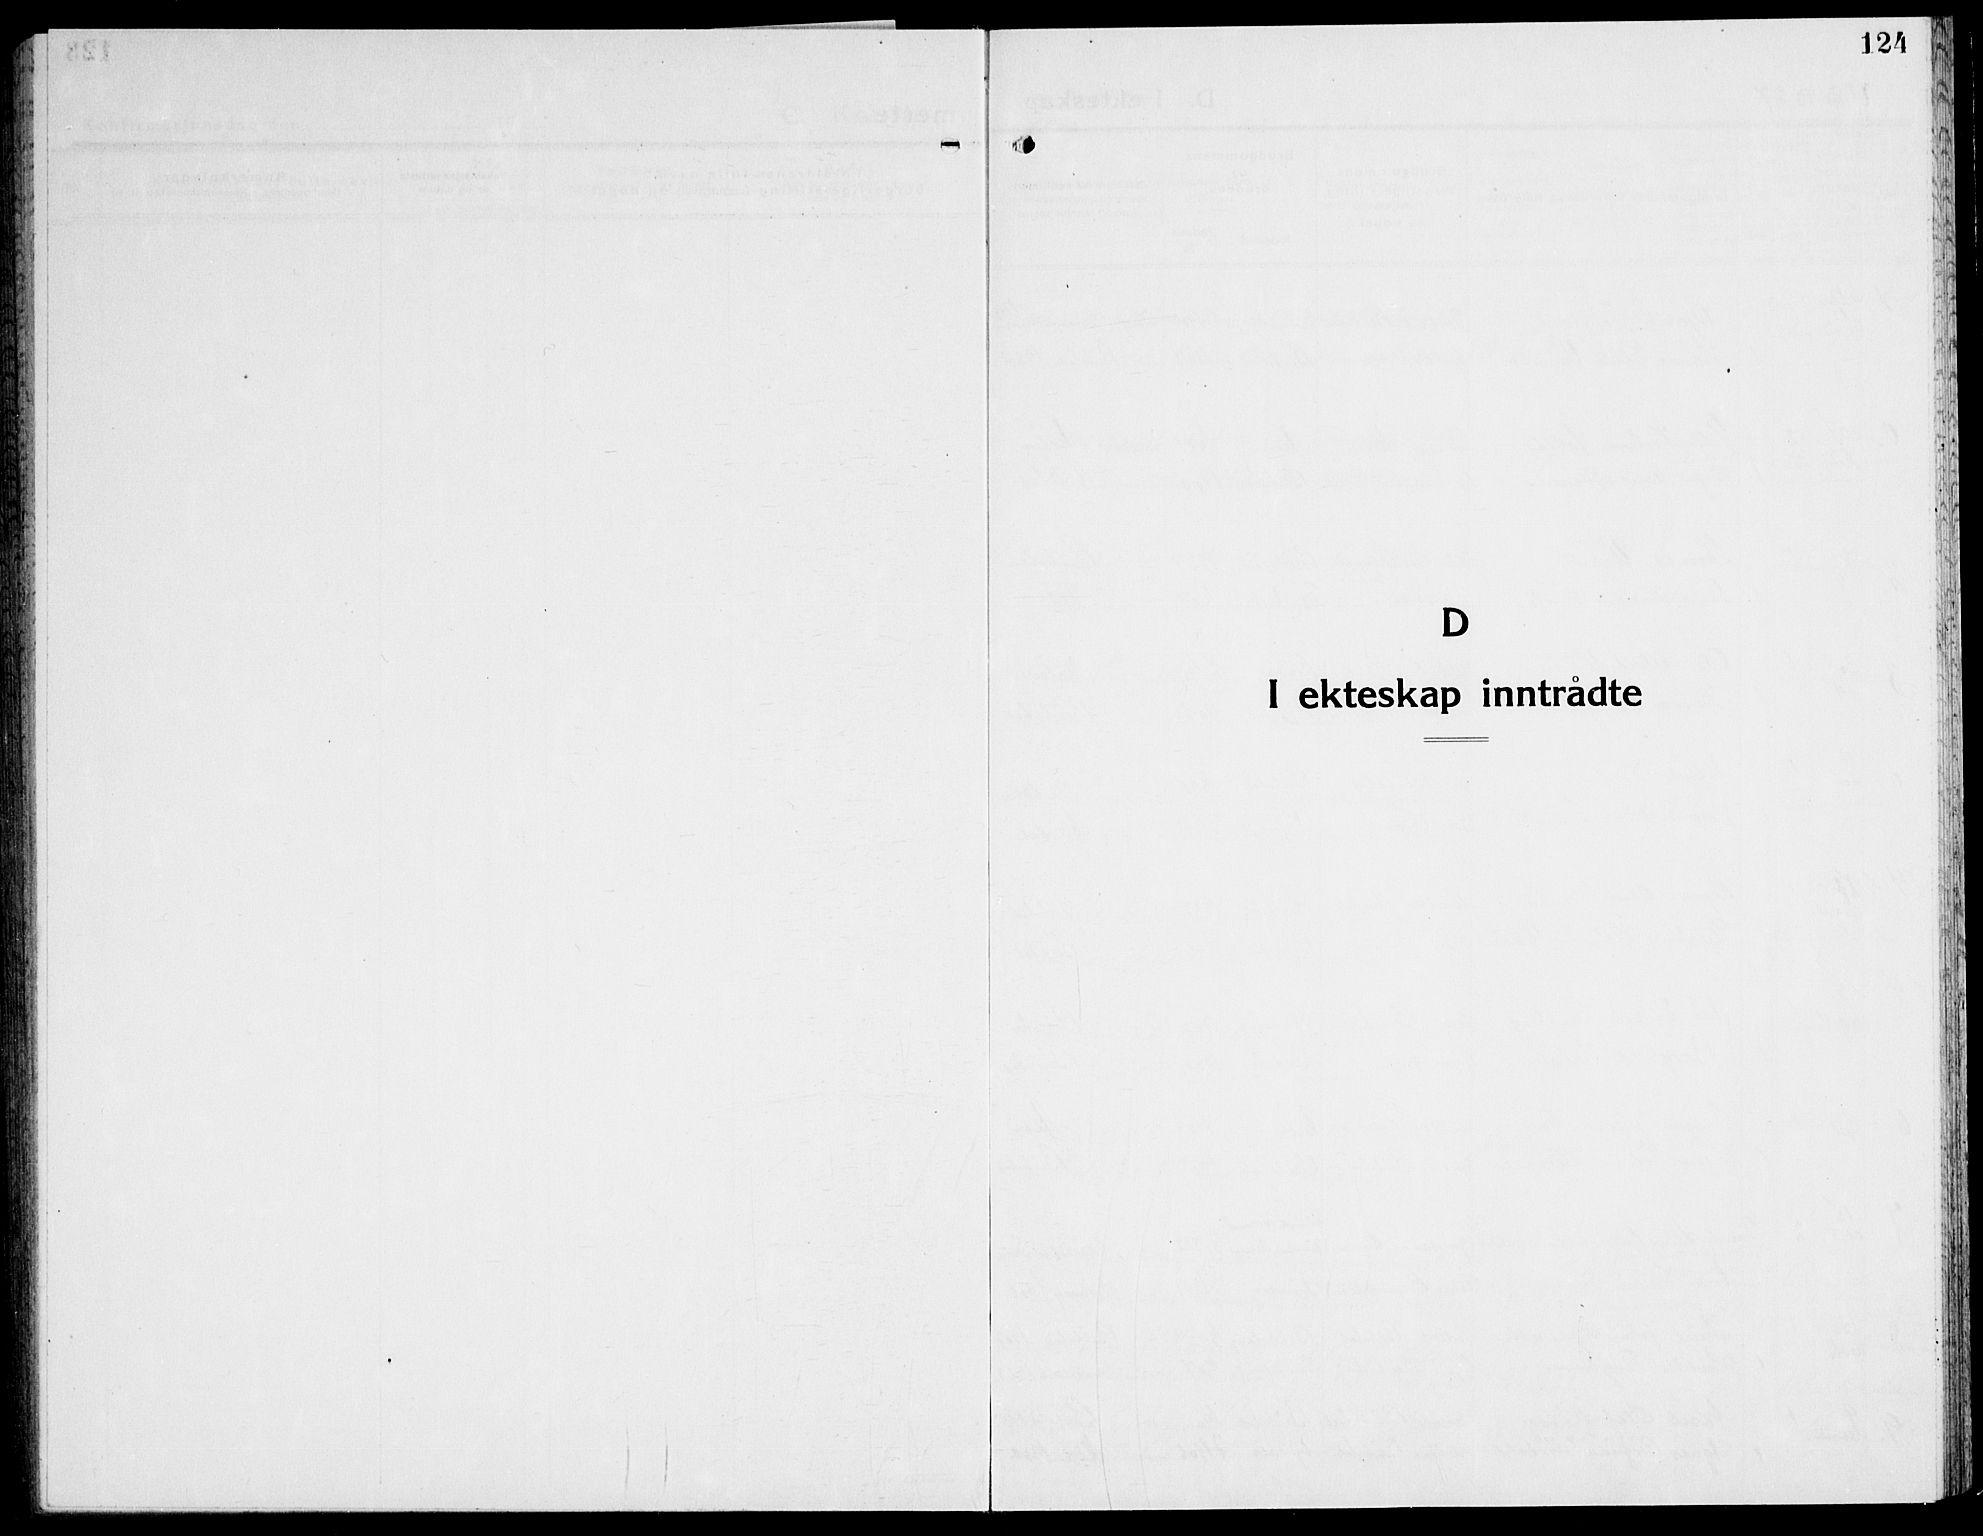 SAT, Ministerialprotokoller, klokkerbøker og fødselsregistre - Nord-Trøndelag, 741/L0403: Ministerialbok nr. 741C04, 1925-1944, s. 124